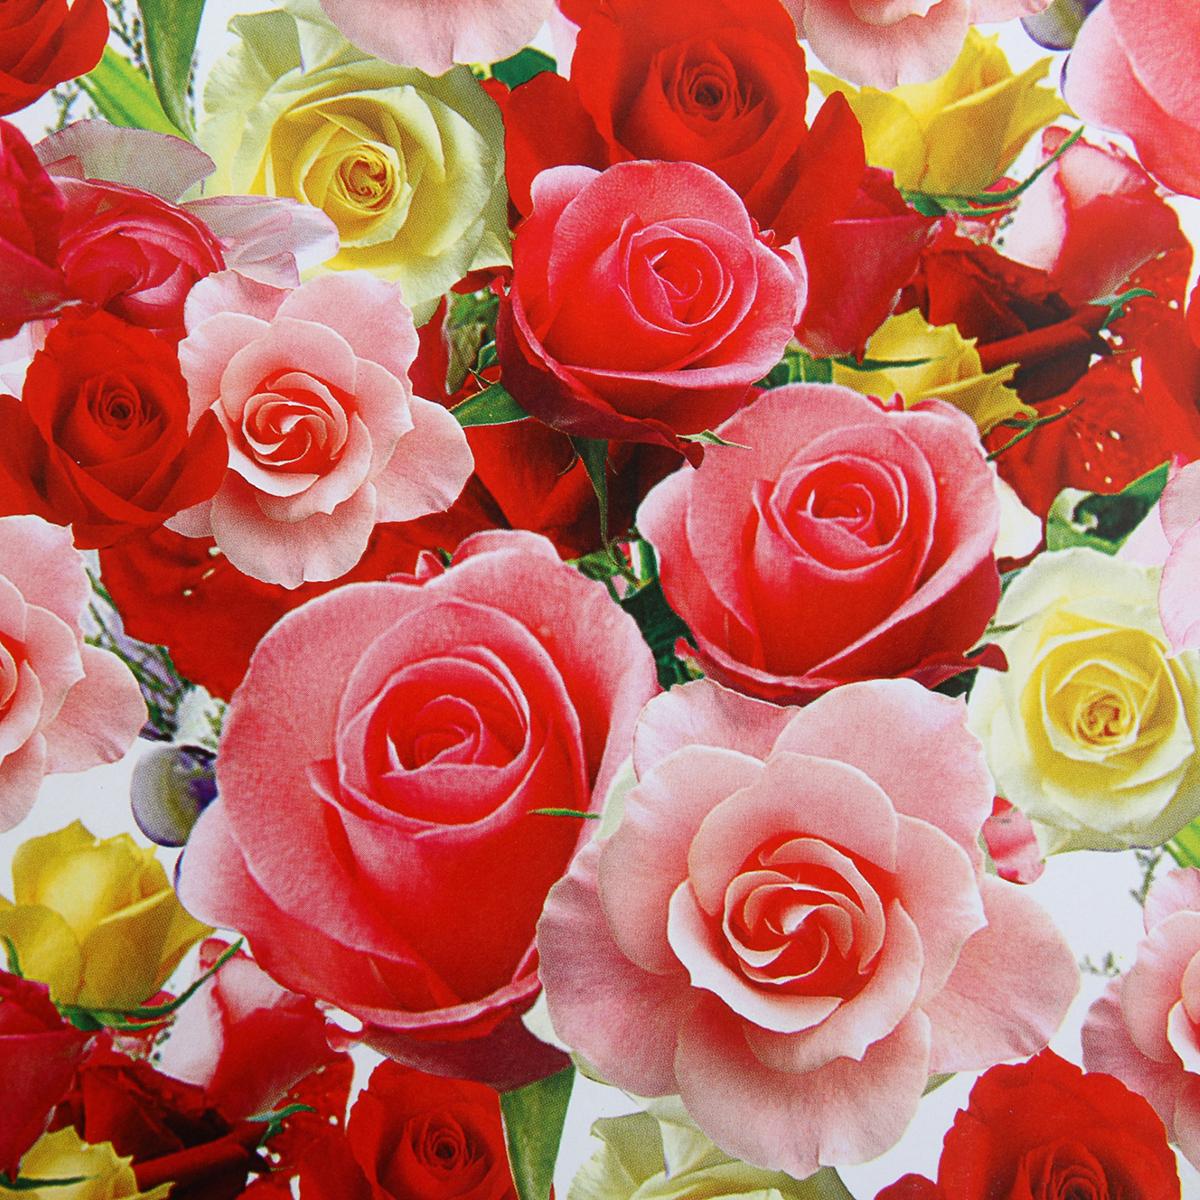 Бумага упаковочная Цветы для любимых, 52 х 76 см. 852393 продать товар оптом